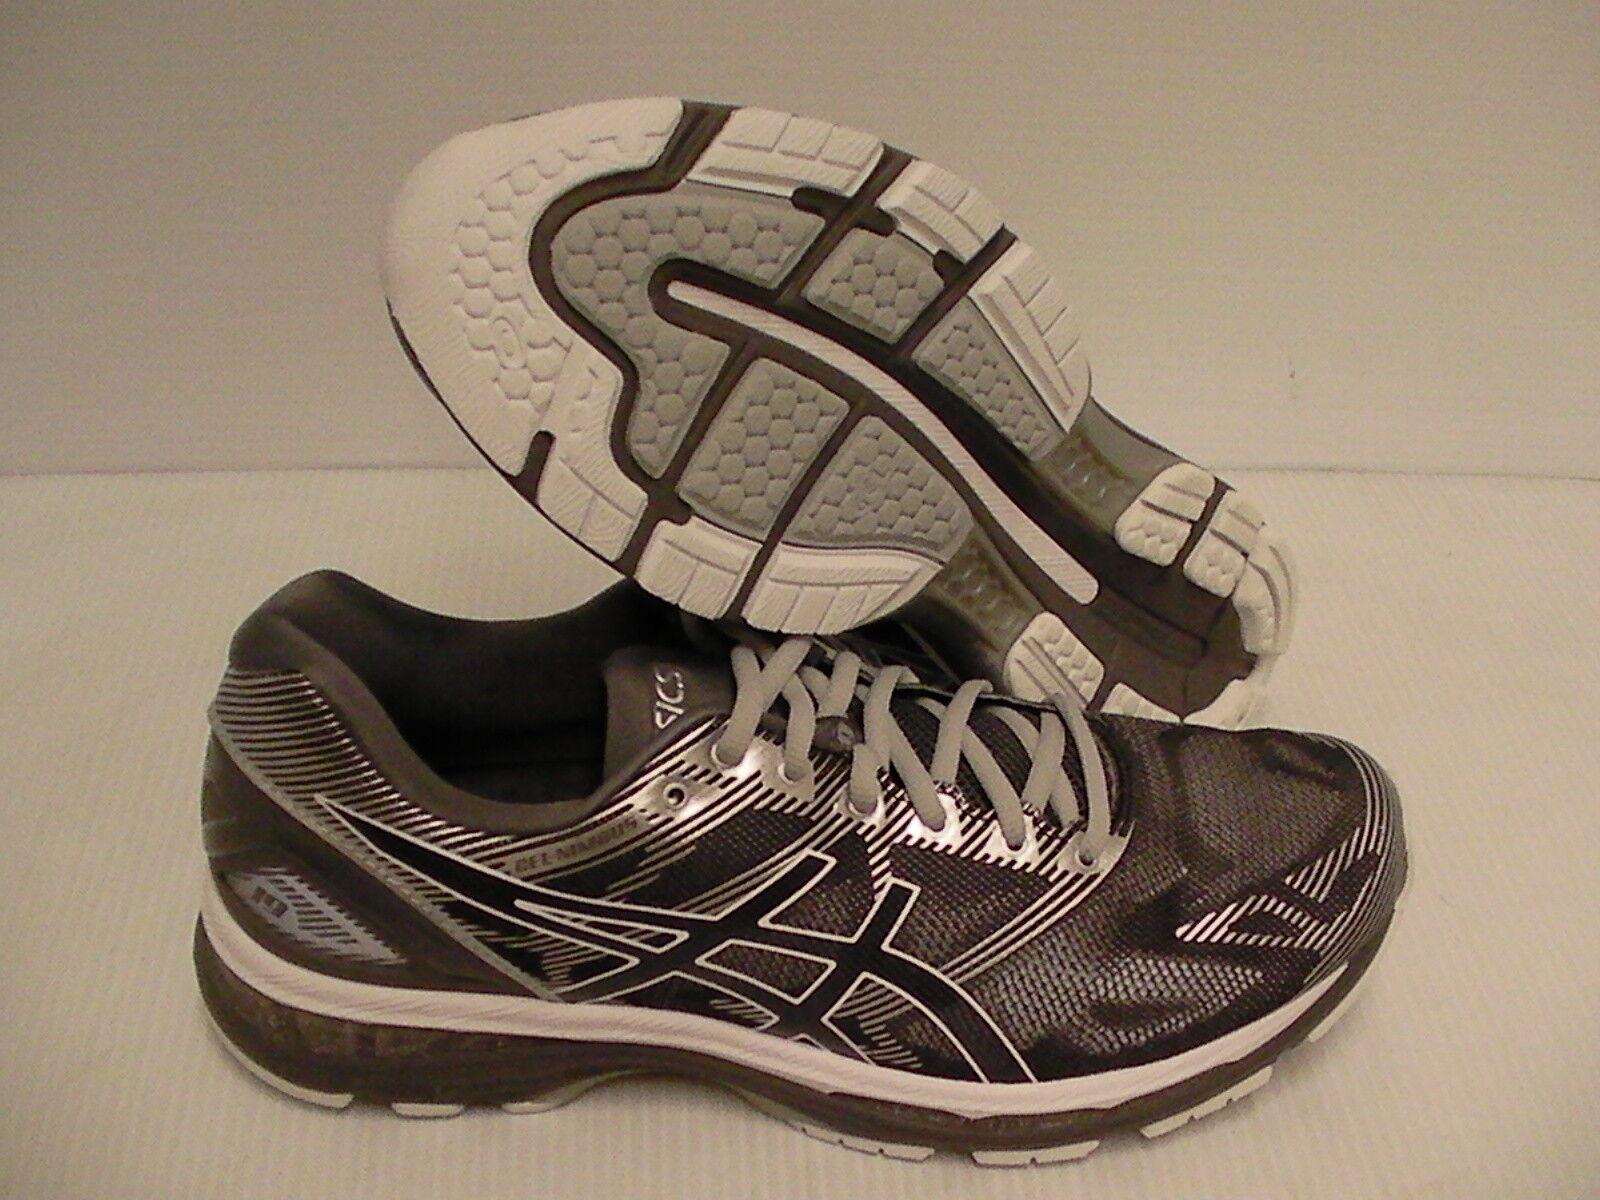 asics gel nimbus blancs 19 chaussures hommes blancs nimbus nous taille de carbone 10,5 261c8e